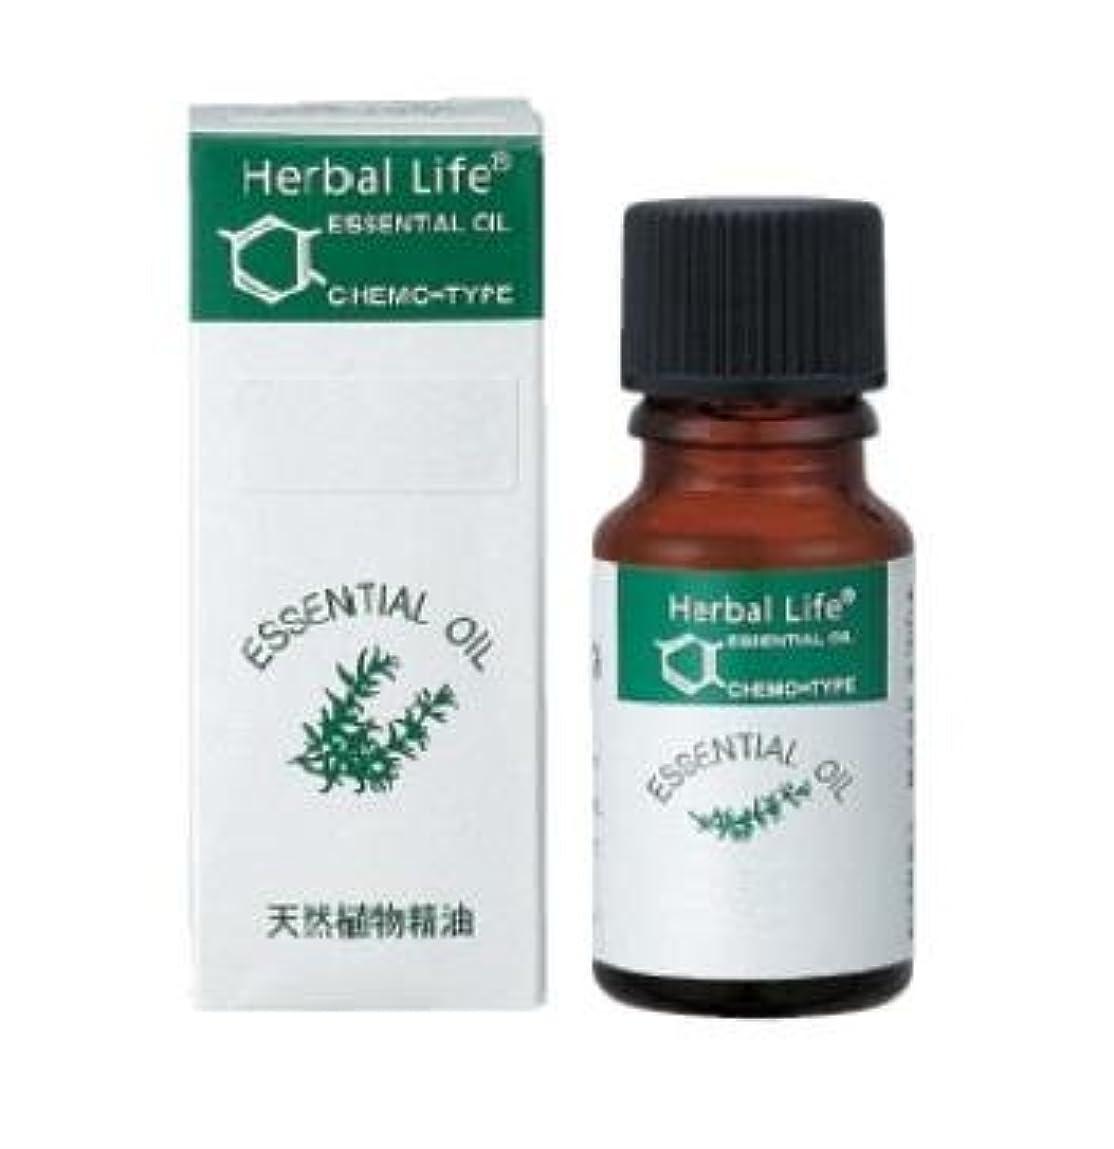 喉頭デコレーションクライストチャーチ生活の木 ラベンダーティートゥリー10ml エッセンシャルオイル/精油